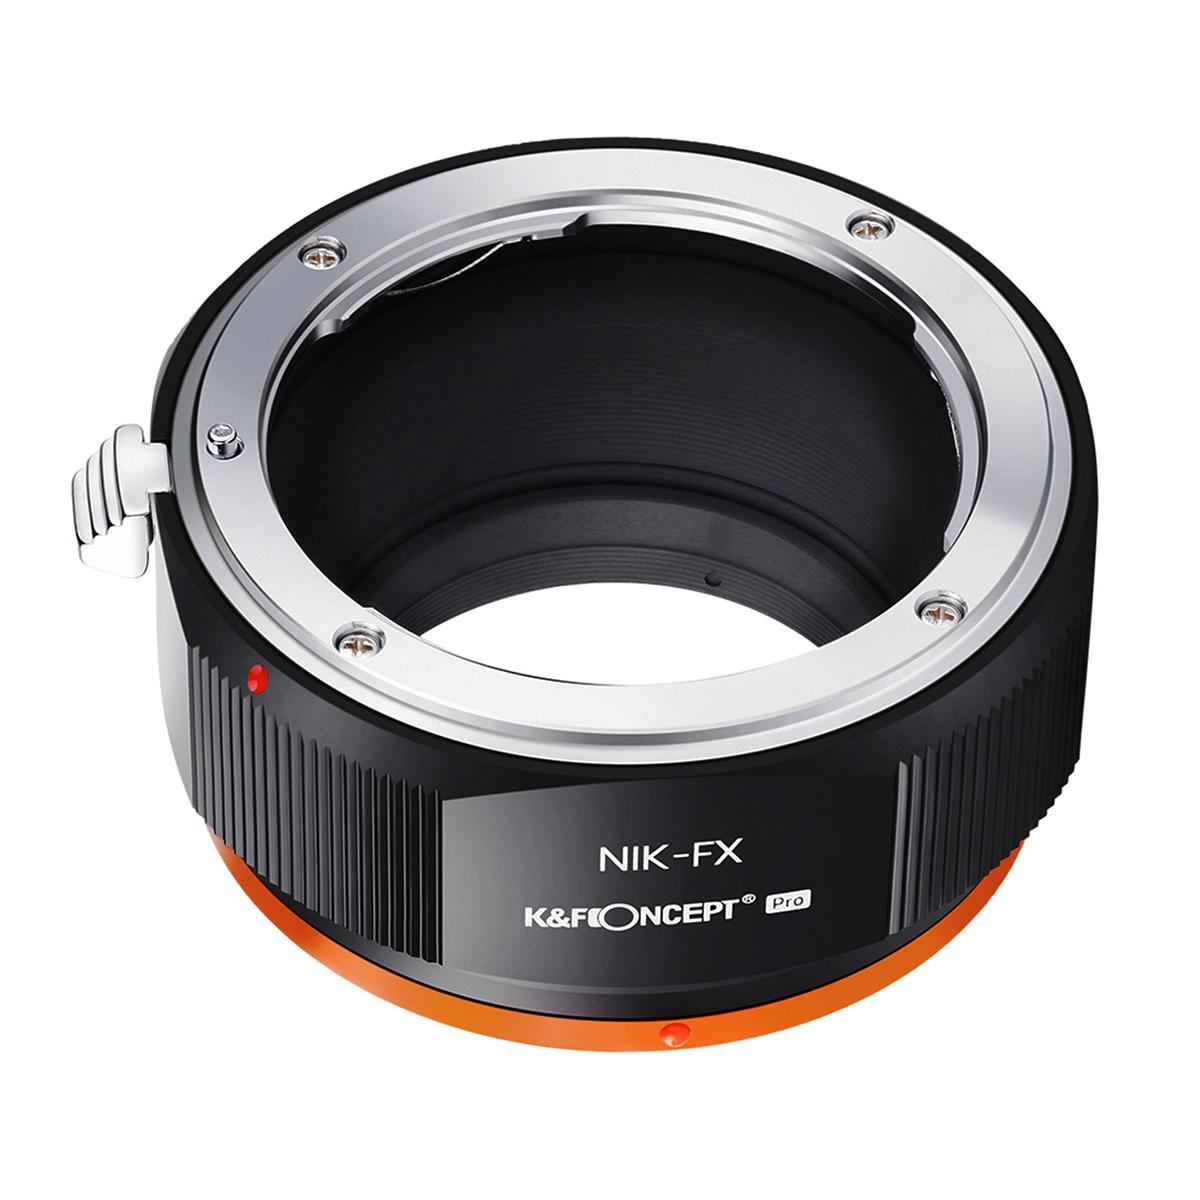 KF 贈り物 CONCEPT KF-NFX.P 最新アイテム レンズマウントアダプター レンズ側:ニコンF→カメラ側:フジX